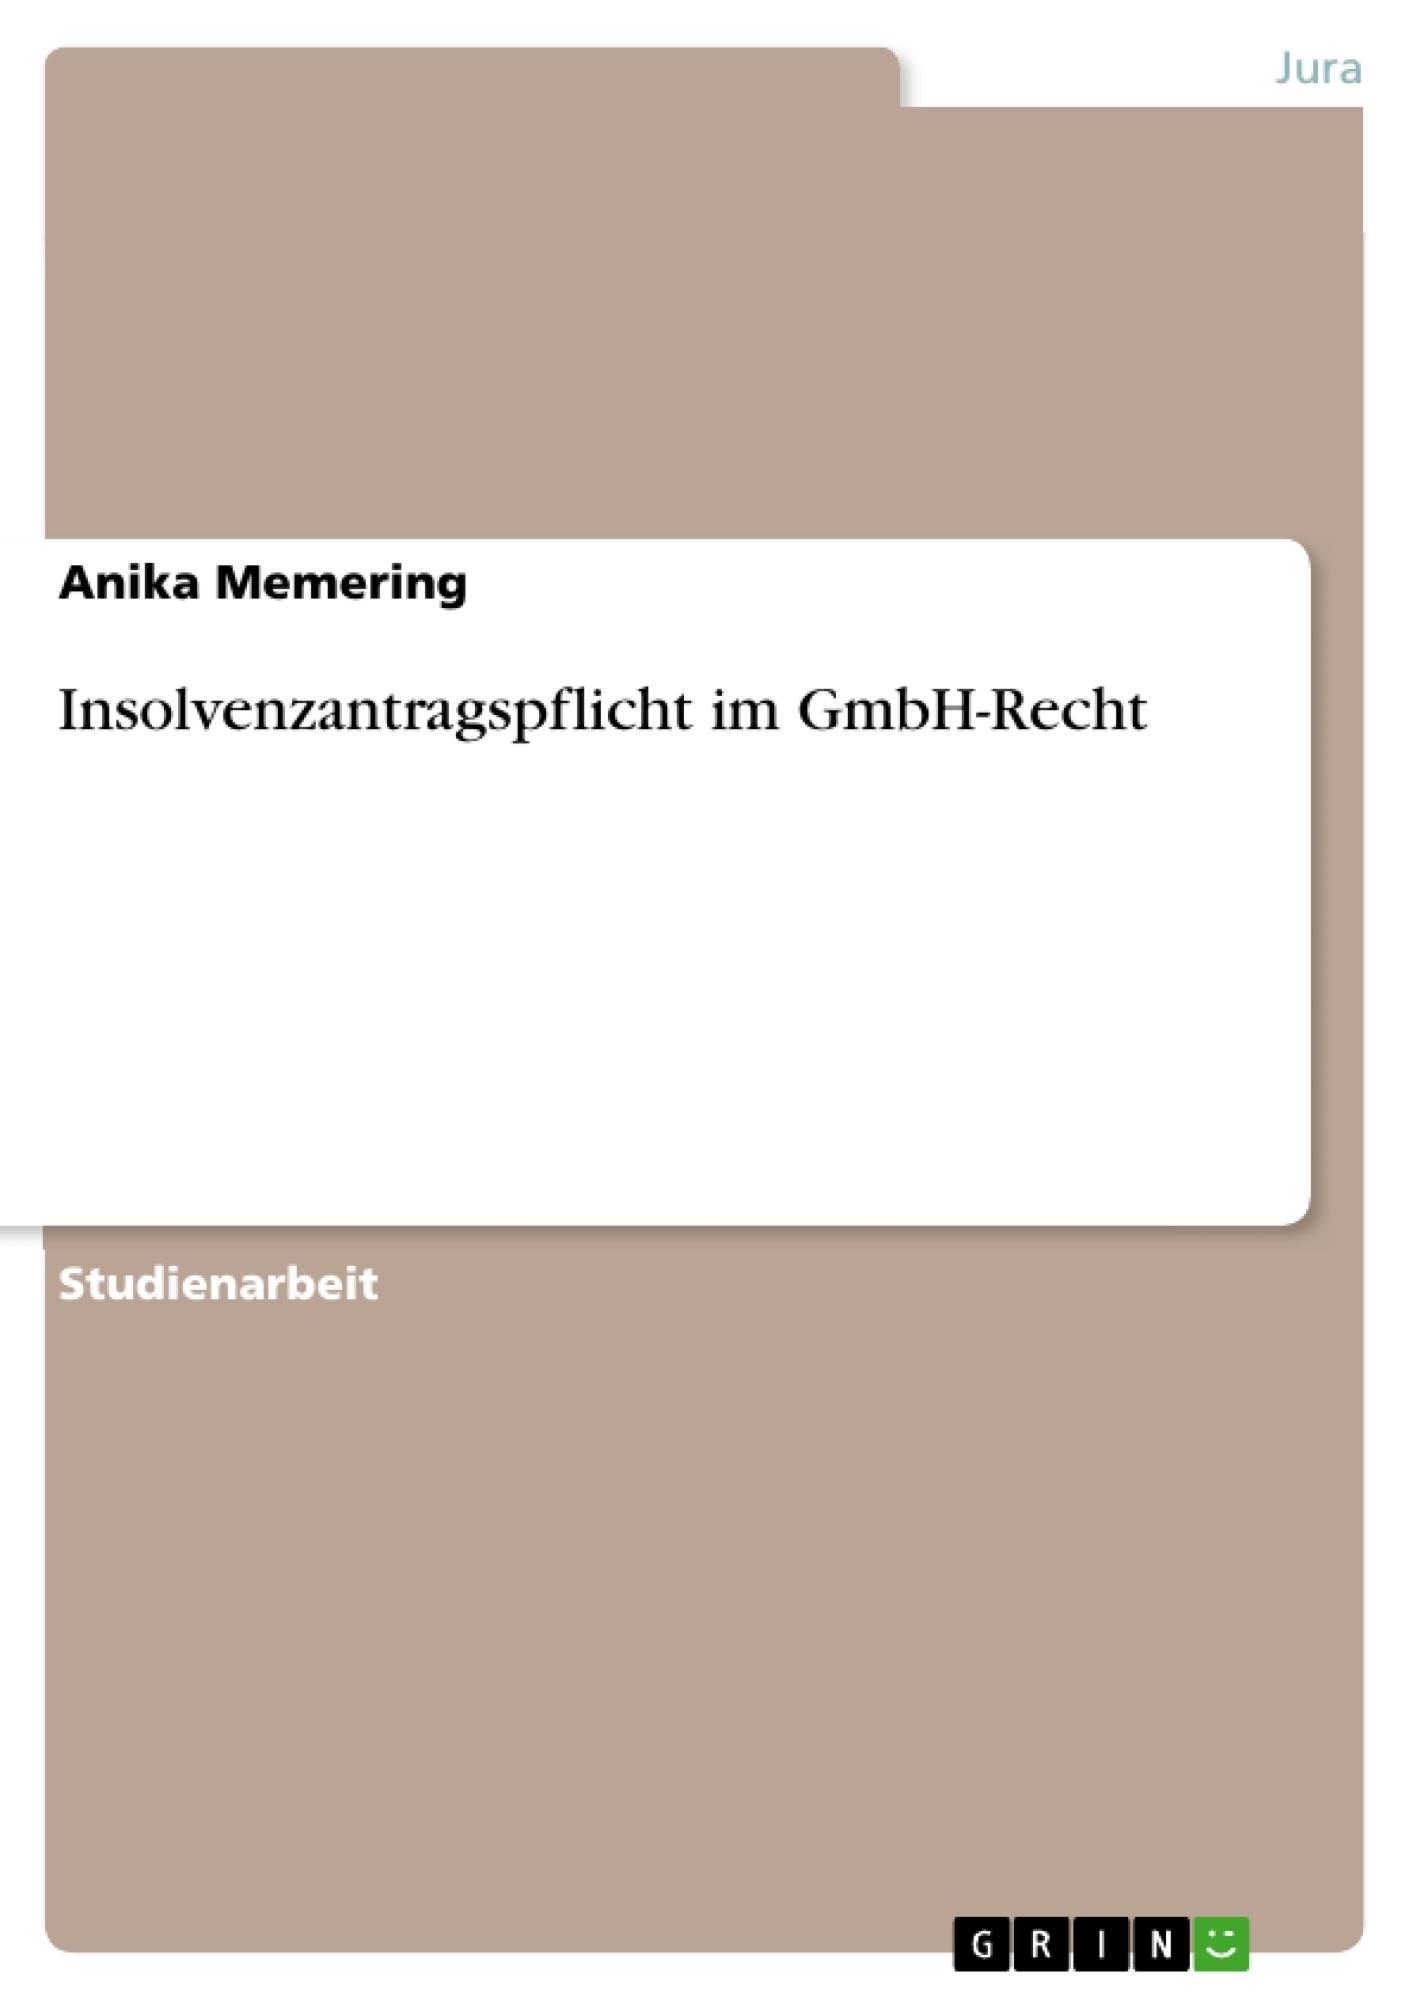 Titel: Insolvenzantragspflicht im GmbH-Recht